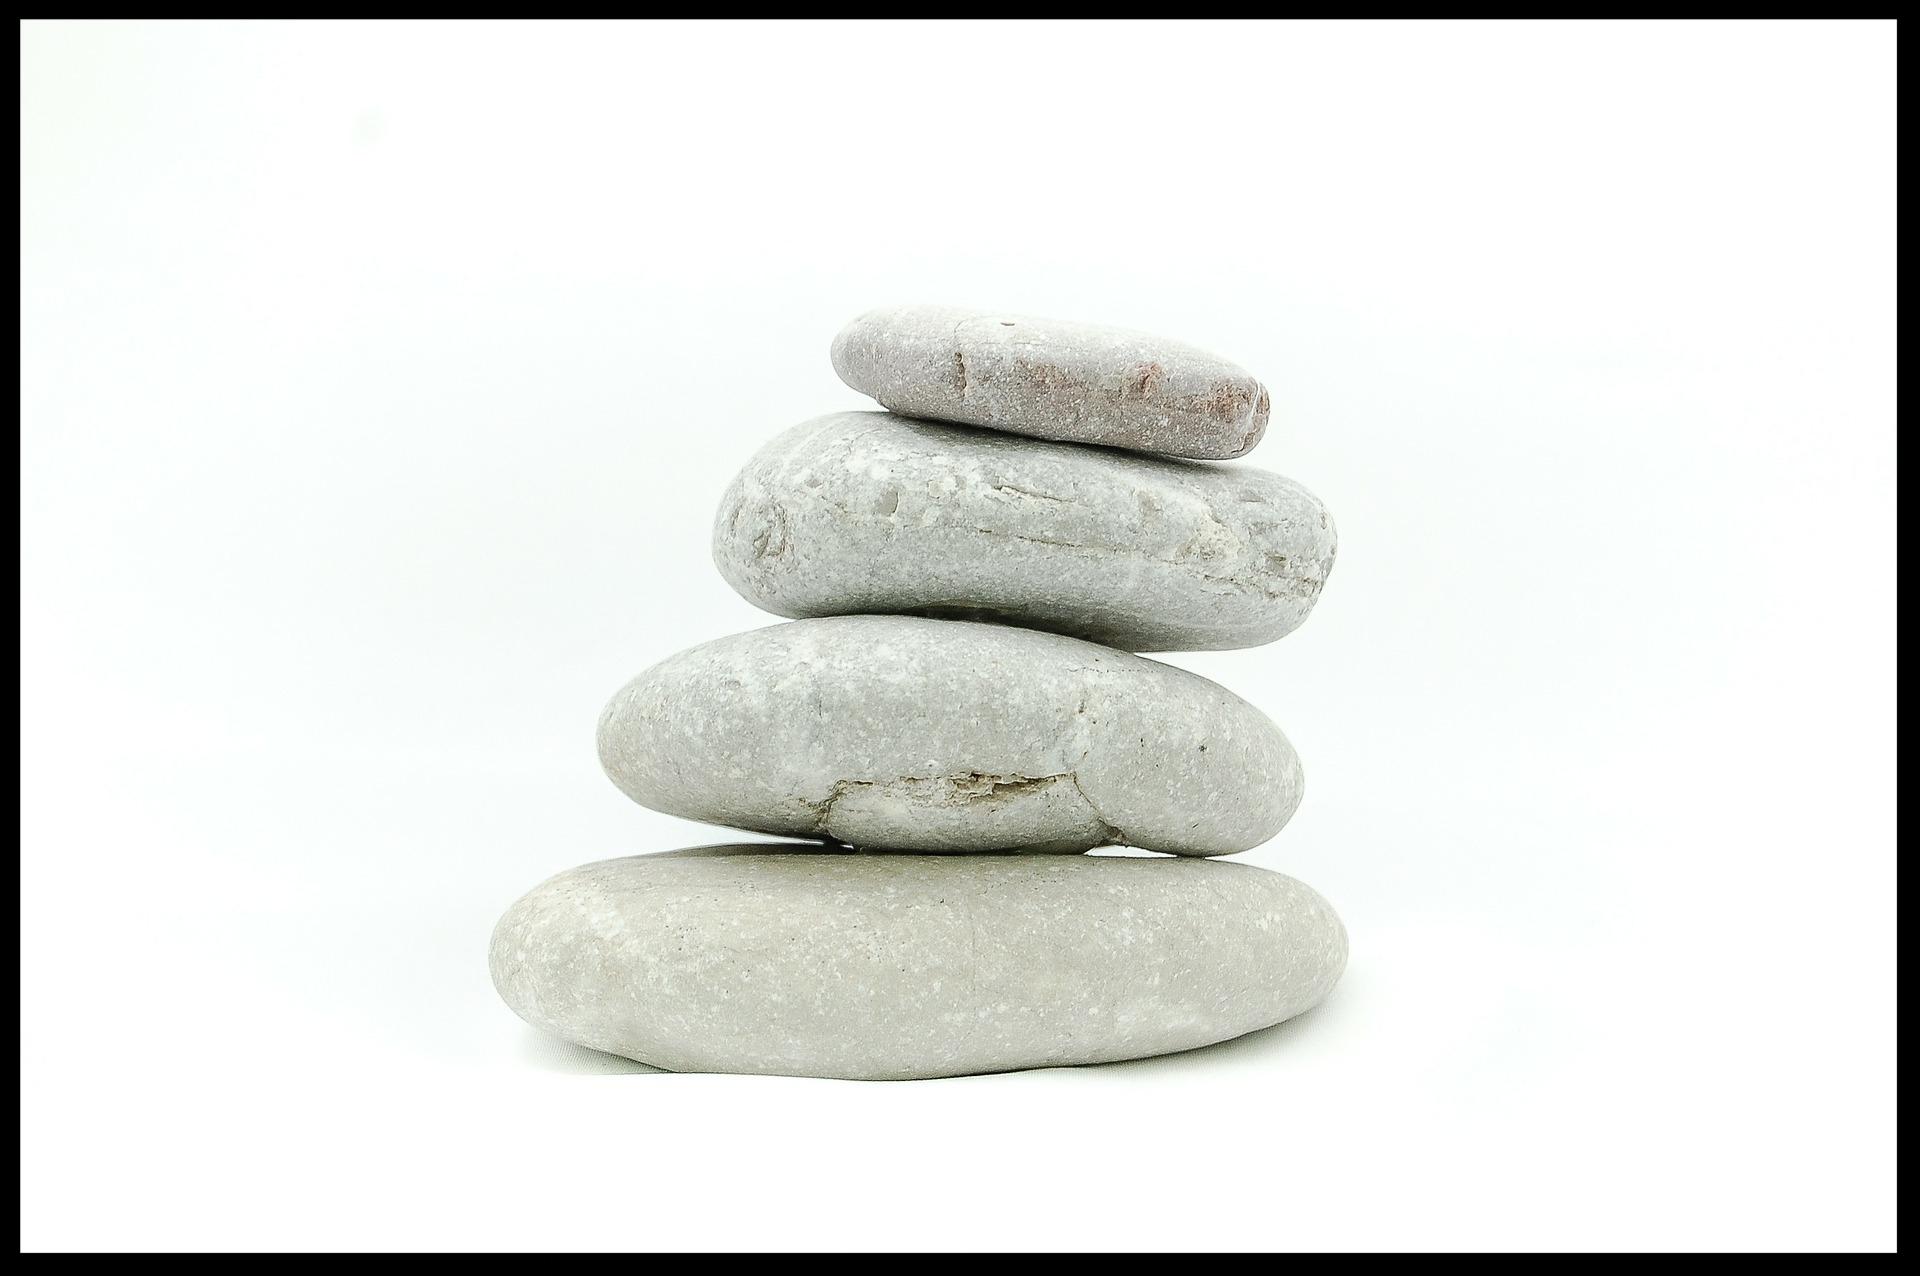 the-stones-263661_1920.jpg